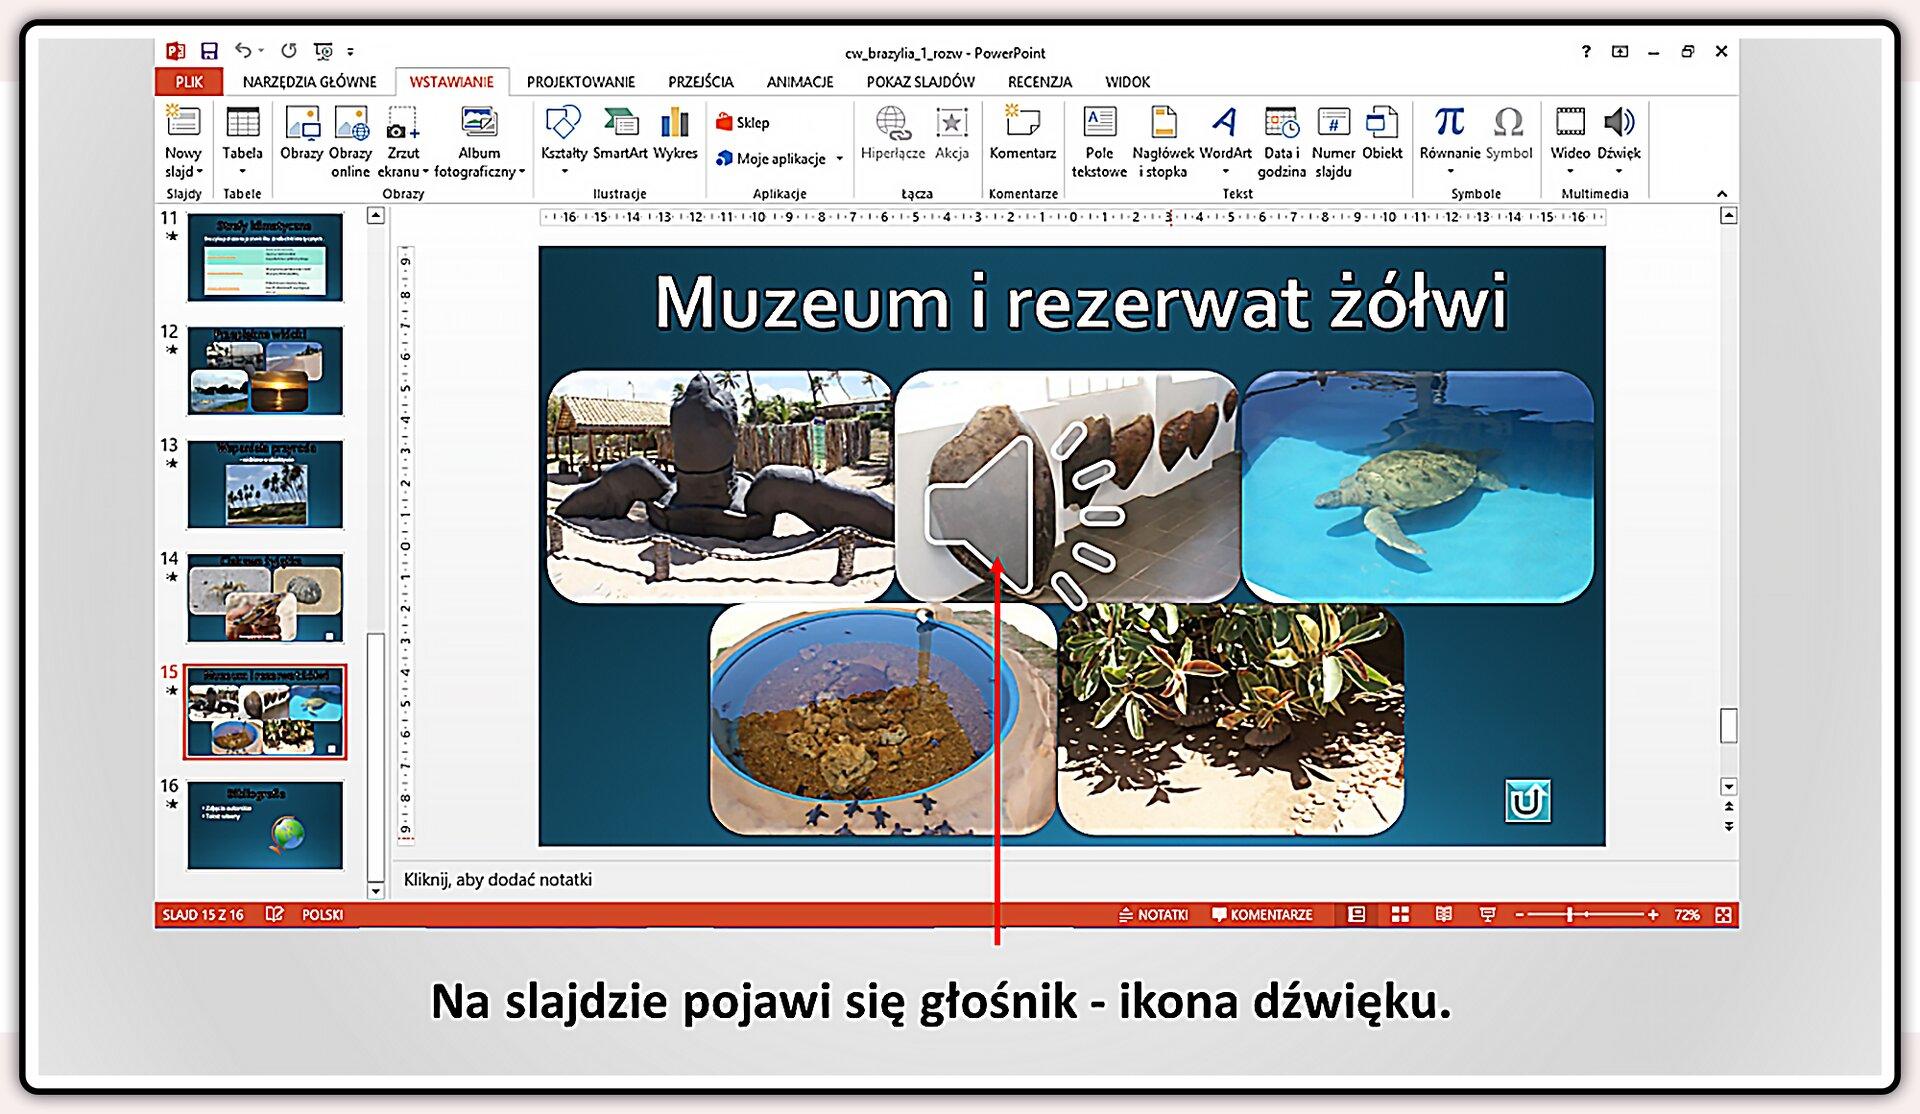 Slajd 5 galerii slajdów pokazu: Nagrywanie komentarza do prezentacji wprogramie MS PowerPoint